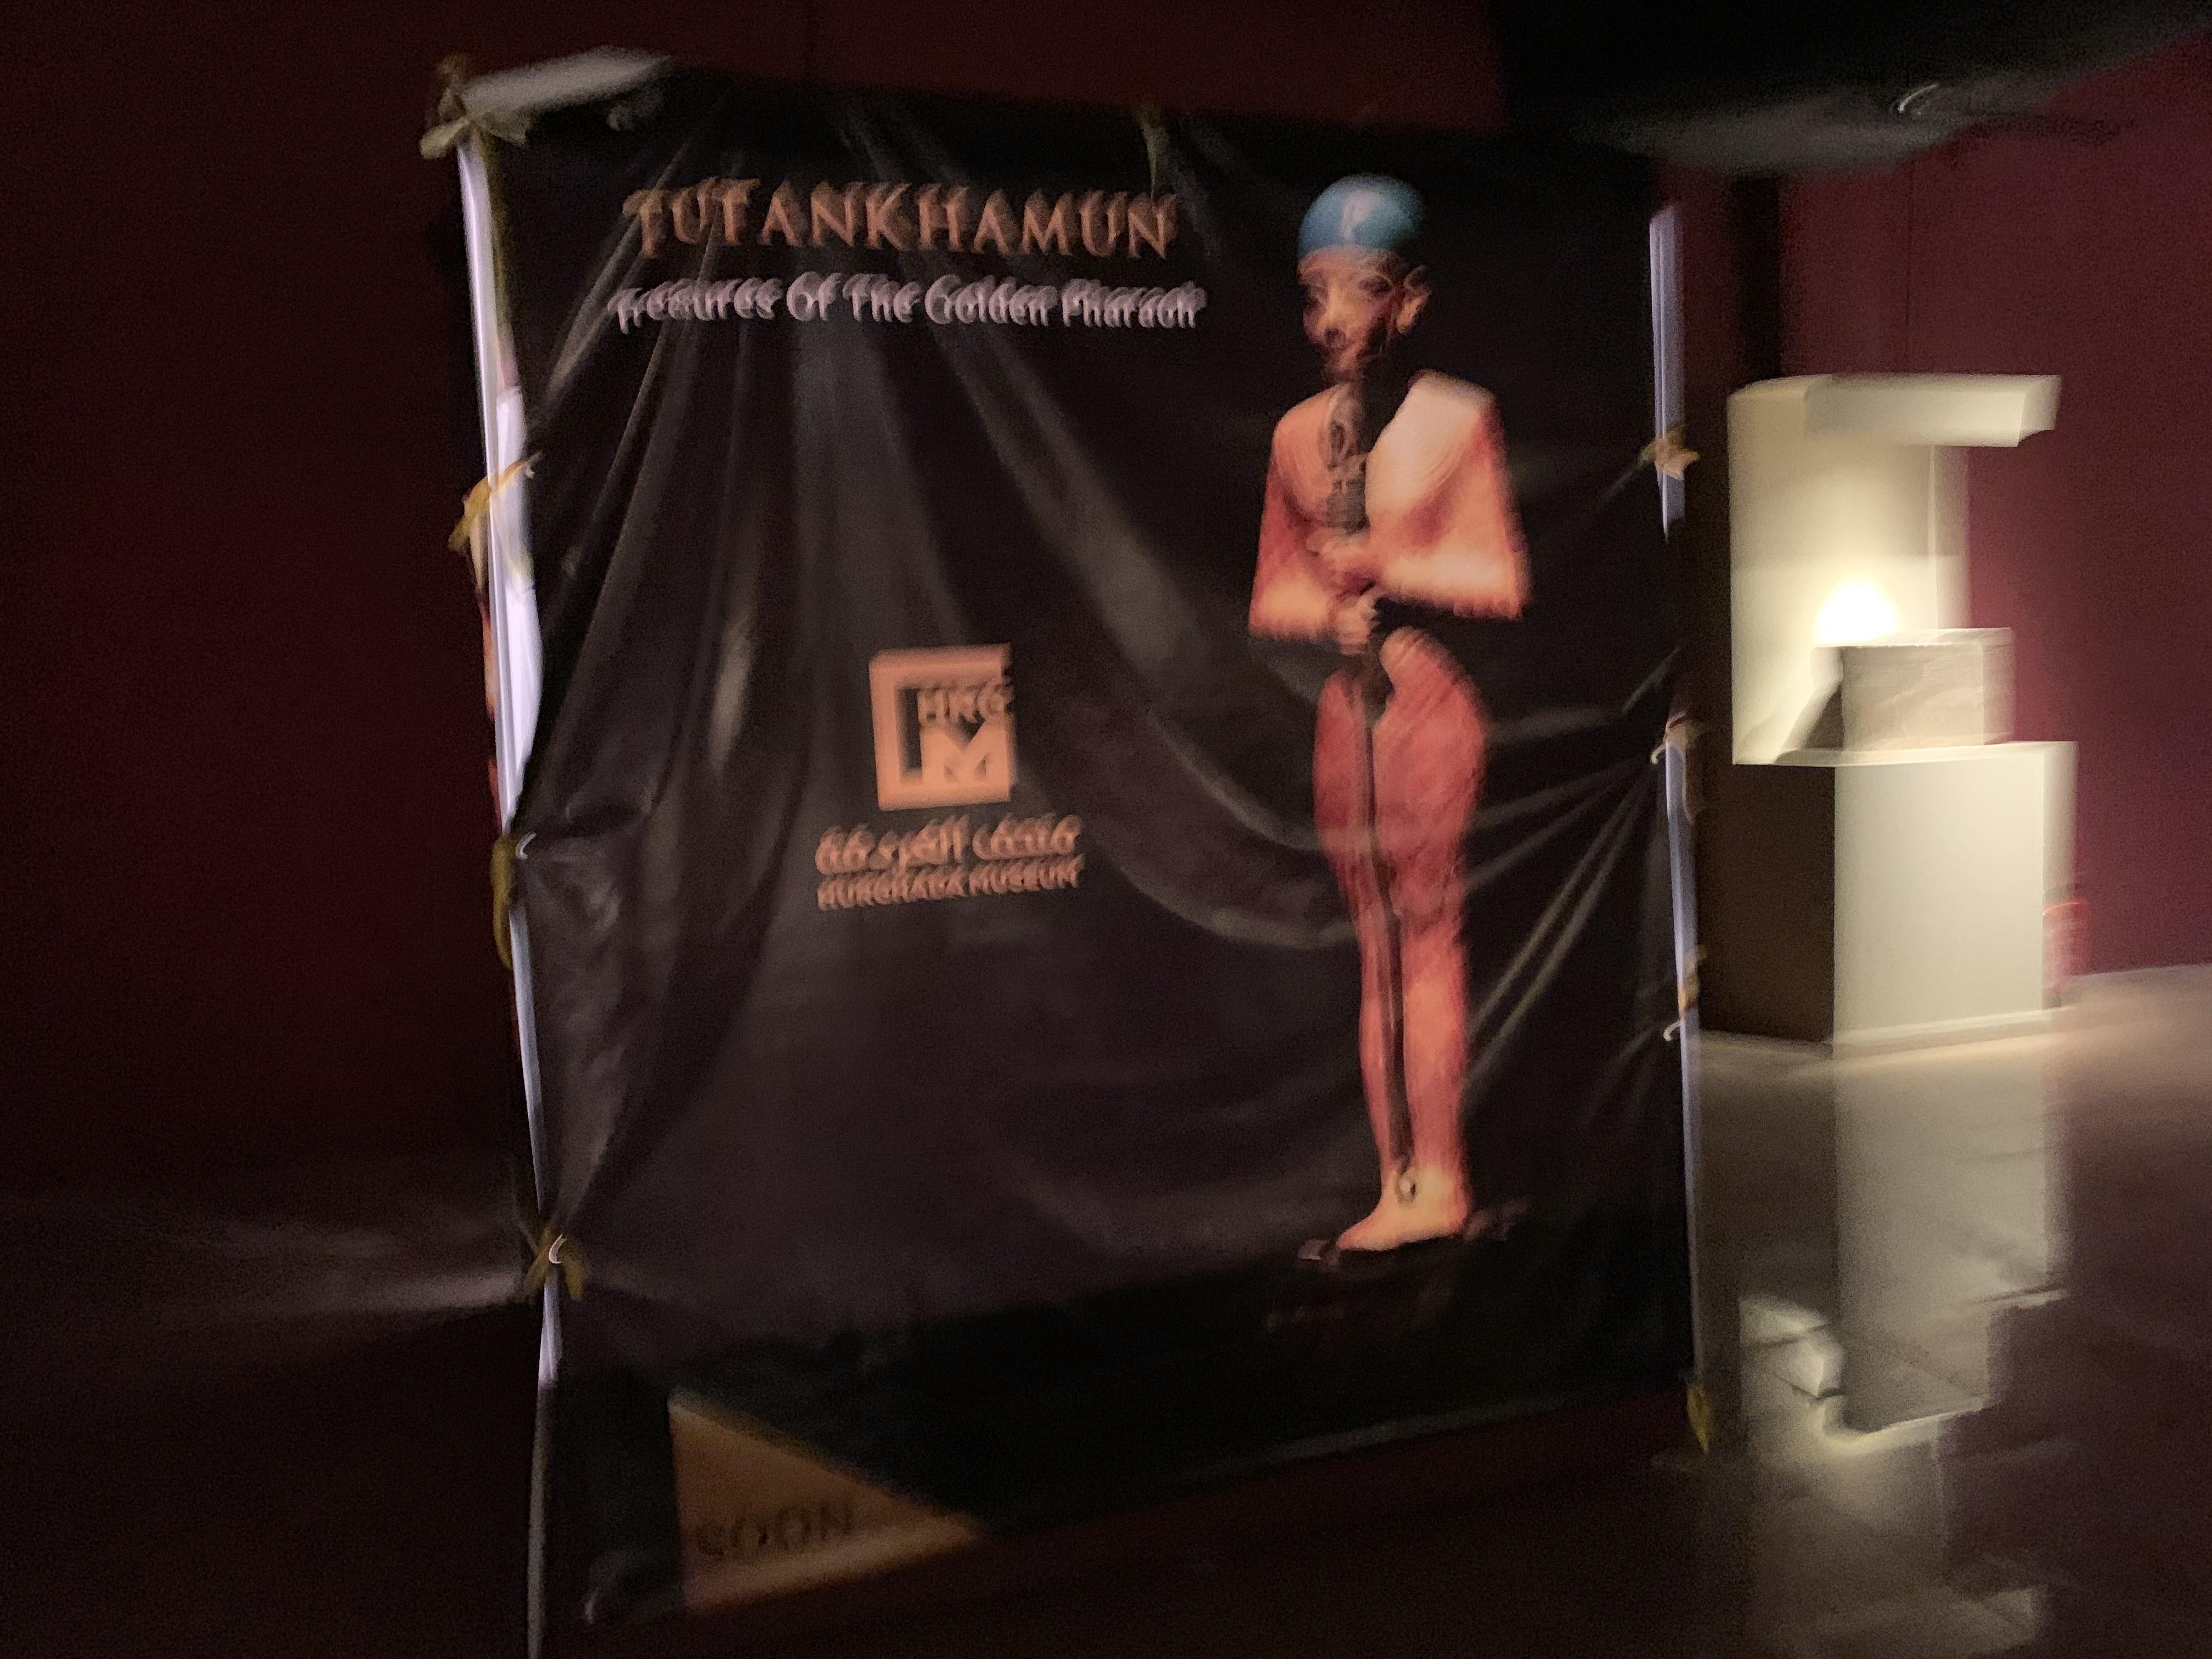 وزير السياحة يفتتح معرض مقتنيات الملك توت عنخ أمون  (1)